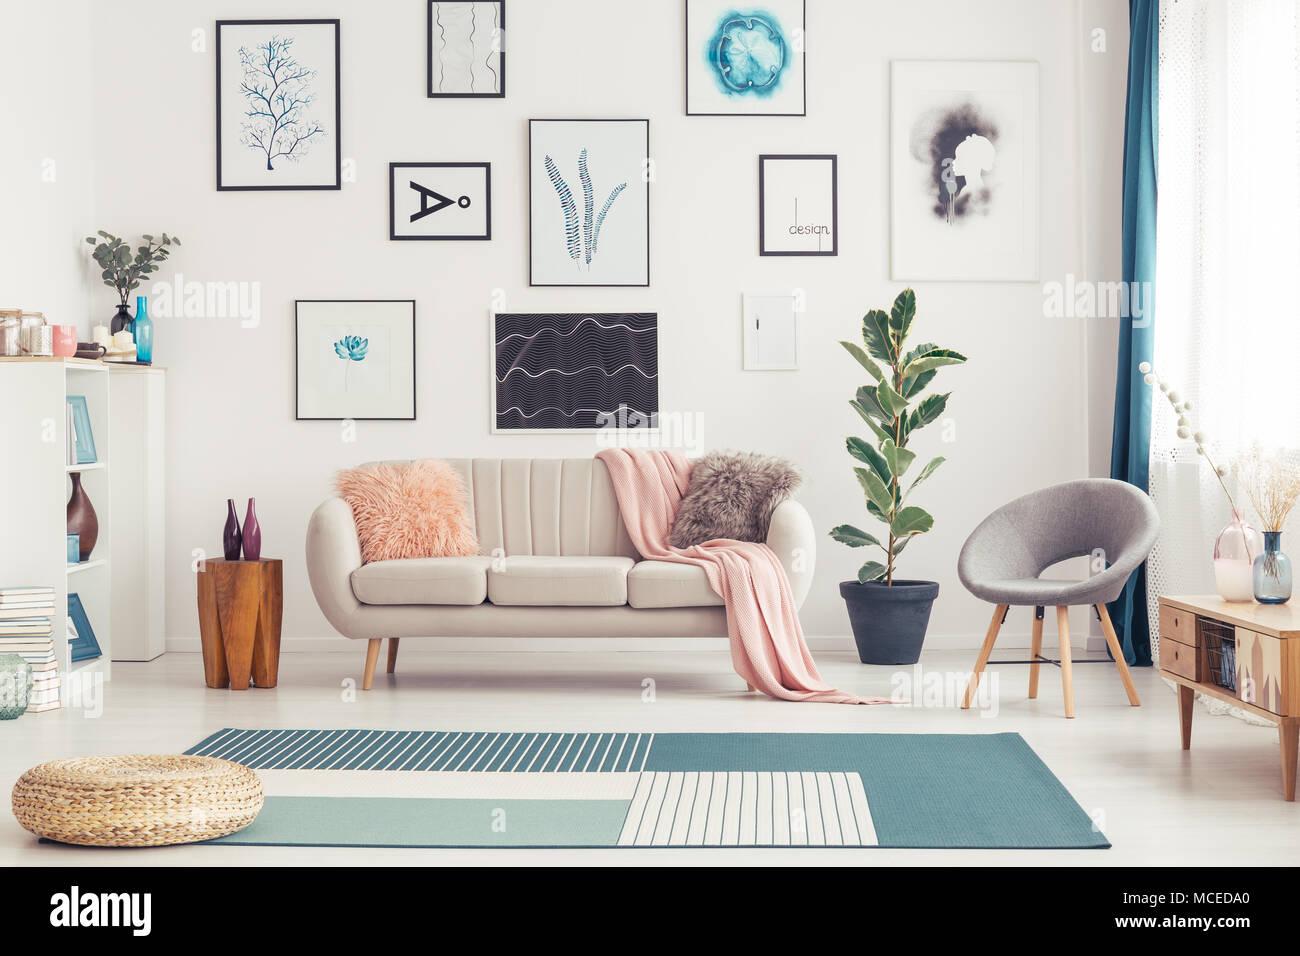 Pouf Sur Tapis Bleu A Rose De L Interieur Spacieux Salon Avec